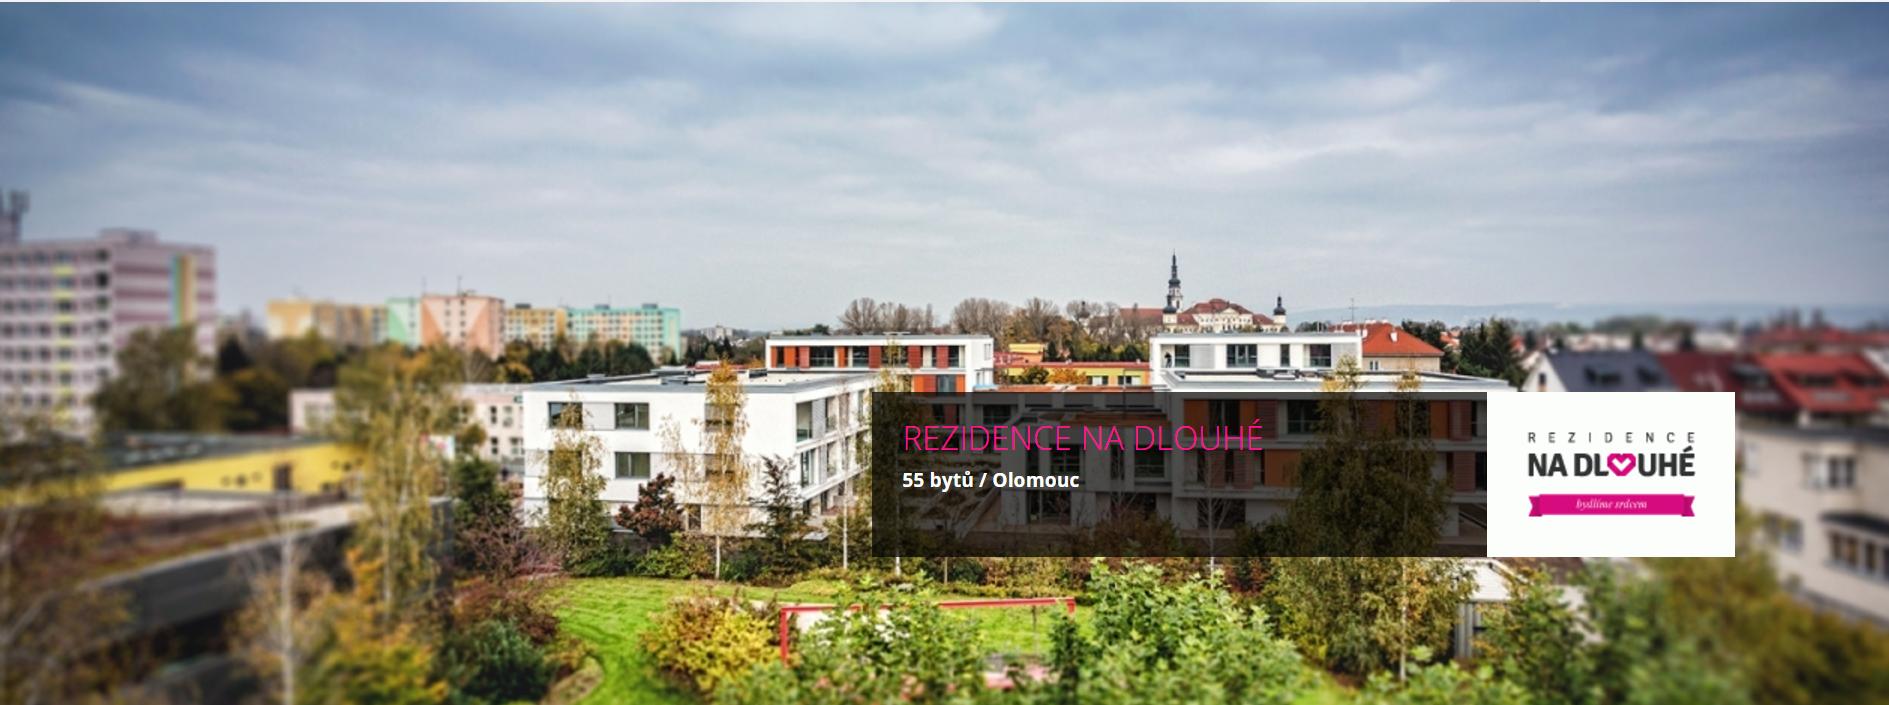 Marketing rezidenčního projektu